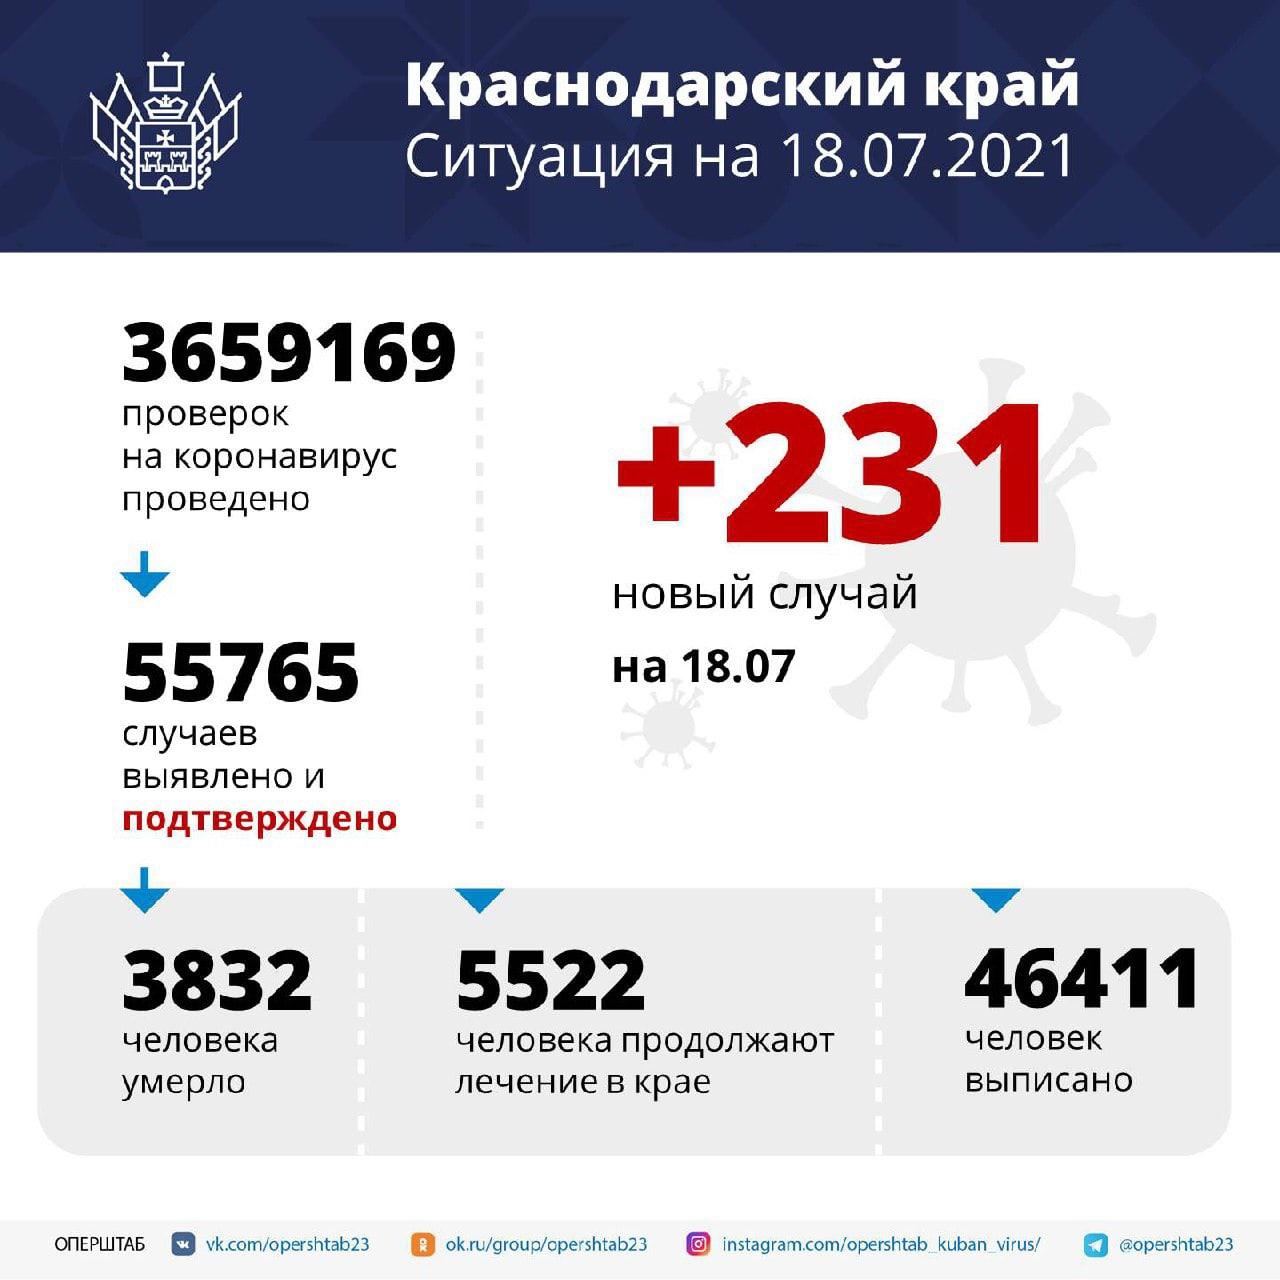 На Кубани за сутки подтвердили 231 новый случай...